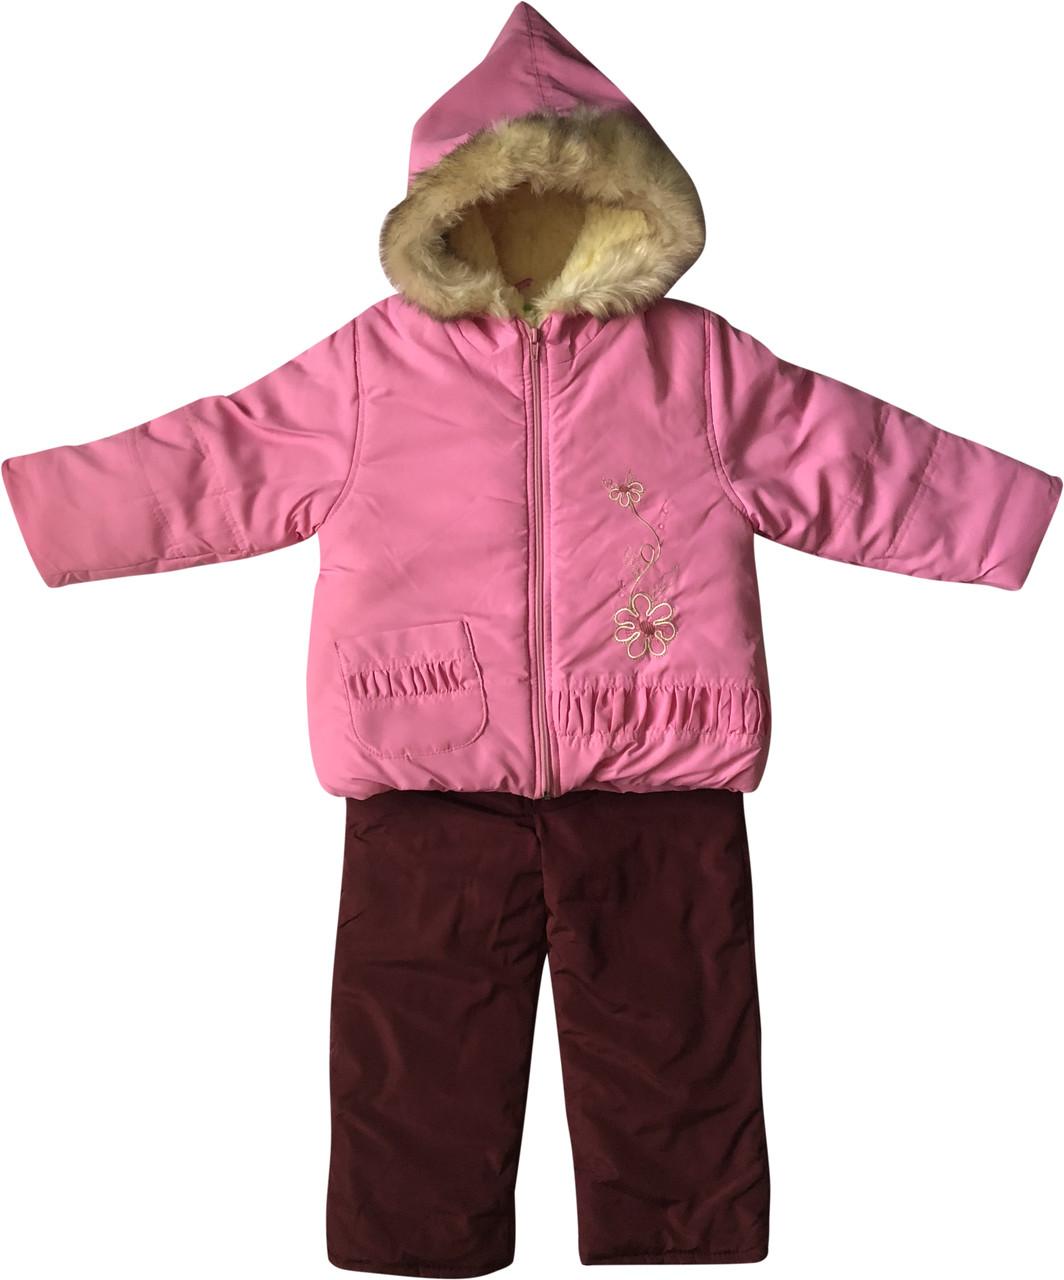 Детский зимний комбинезон на девочку рост 92 1,5-2 года для малышей детей раздельный розовый